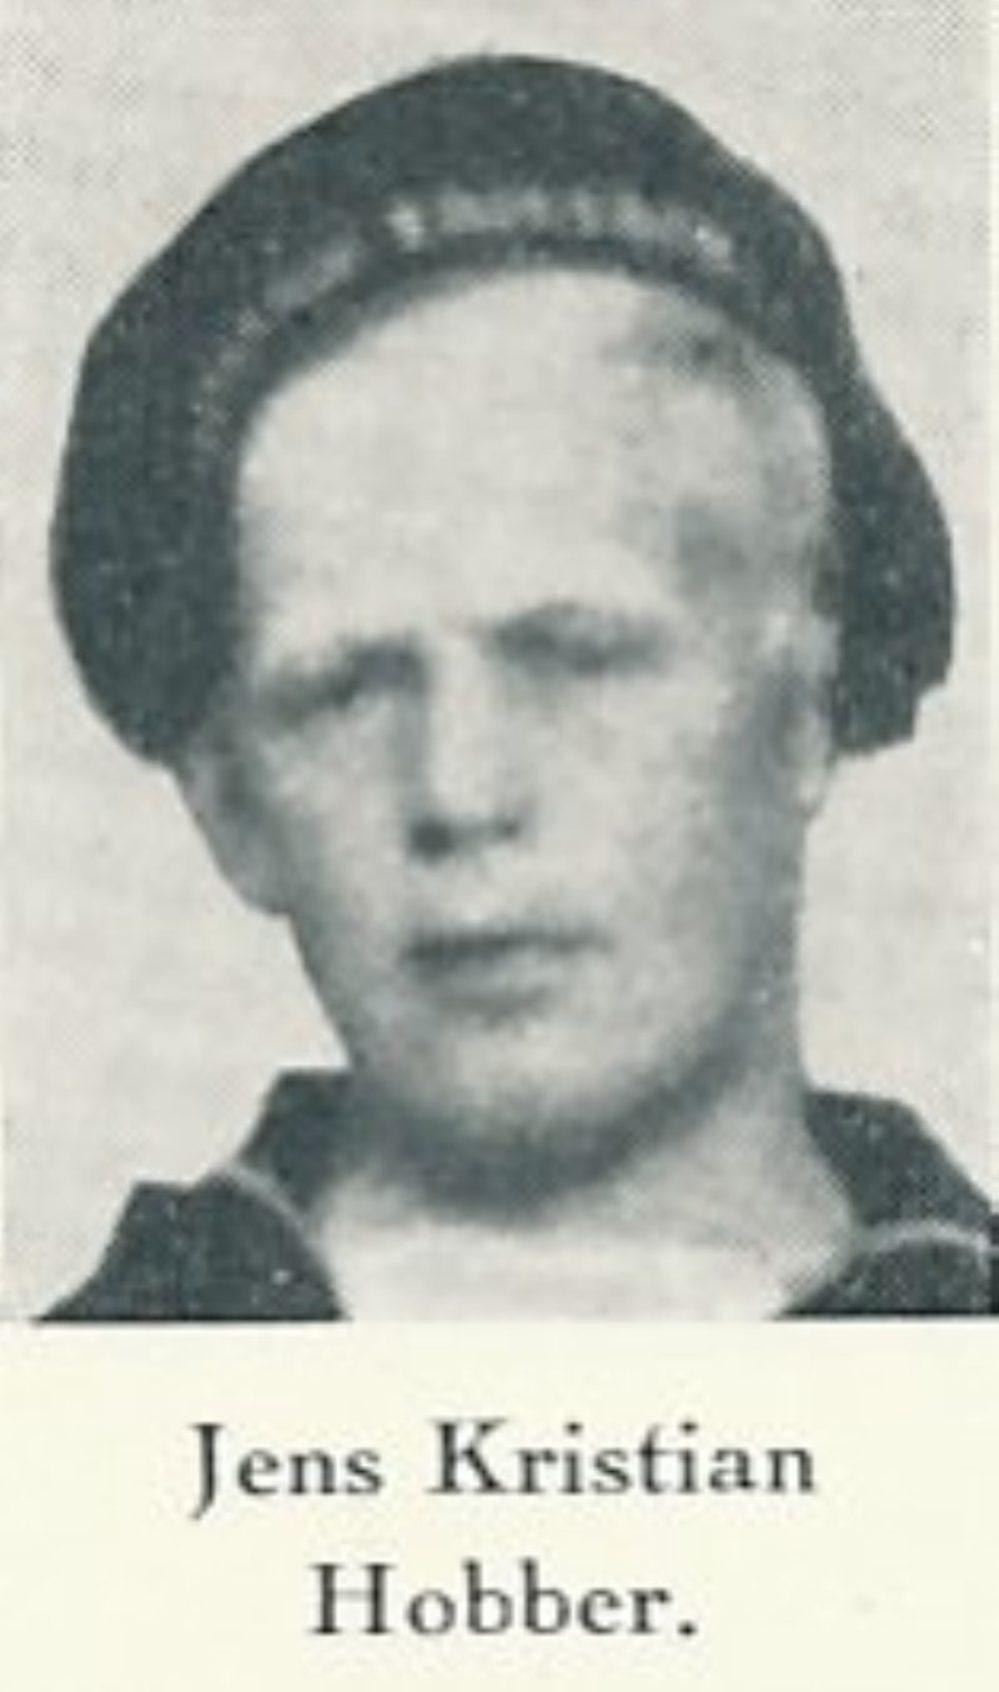 Jens Kristian Hobber